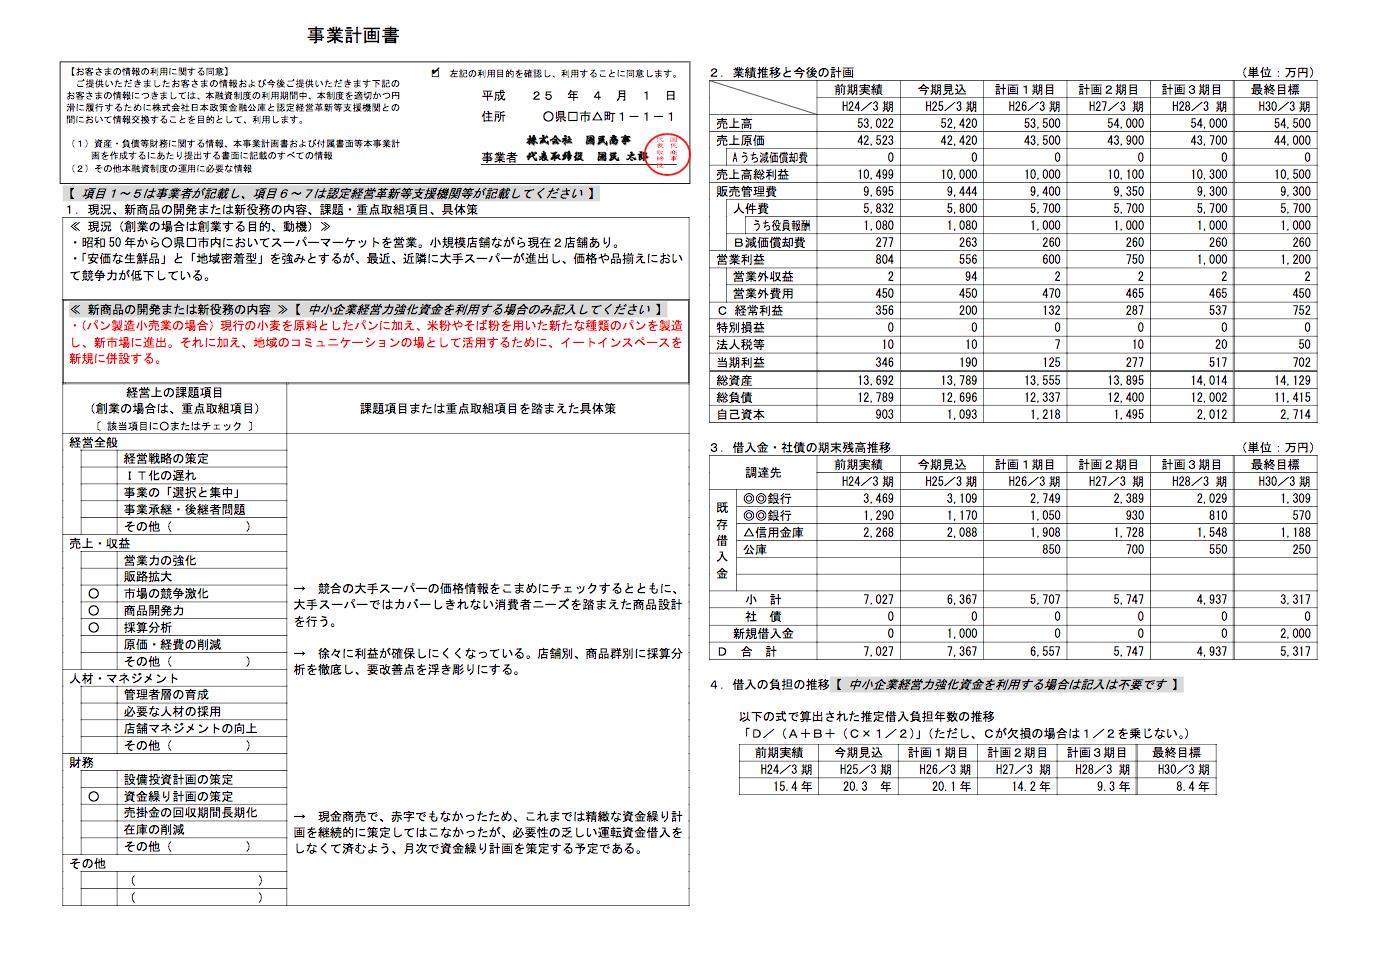 事業計画書の作成例(日本政策金融公庫)